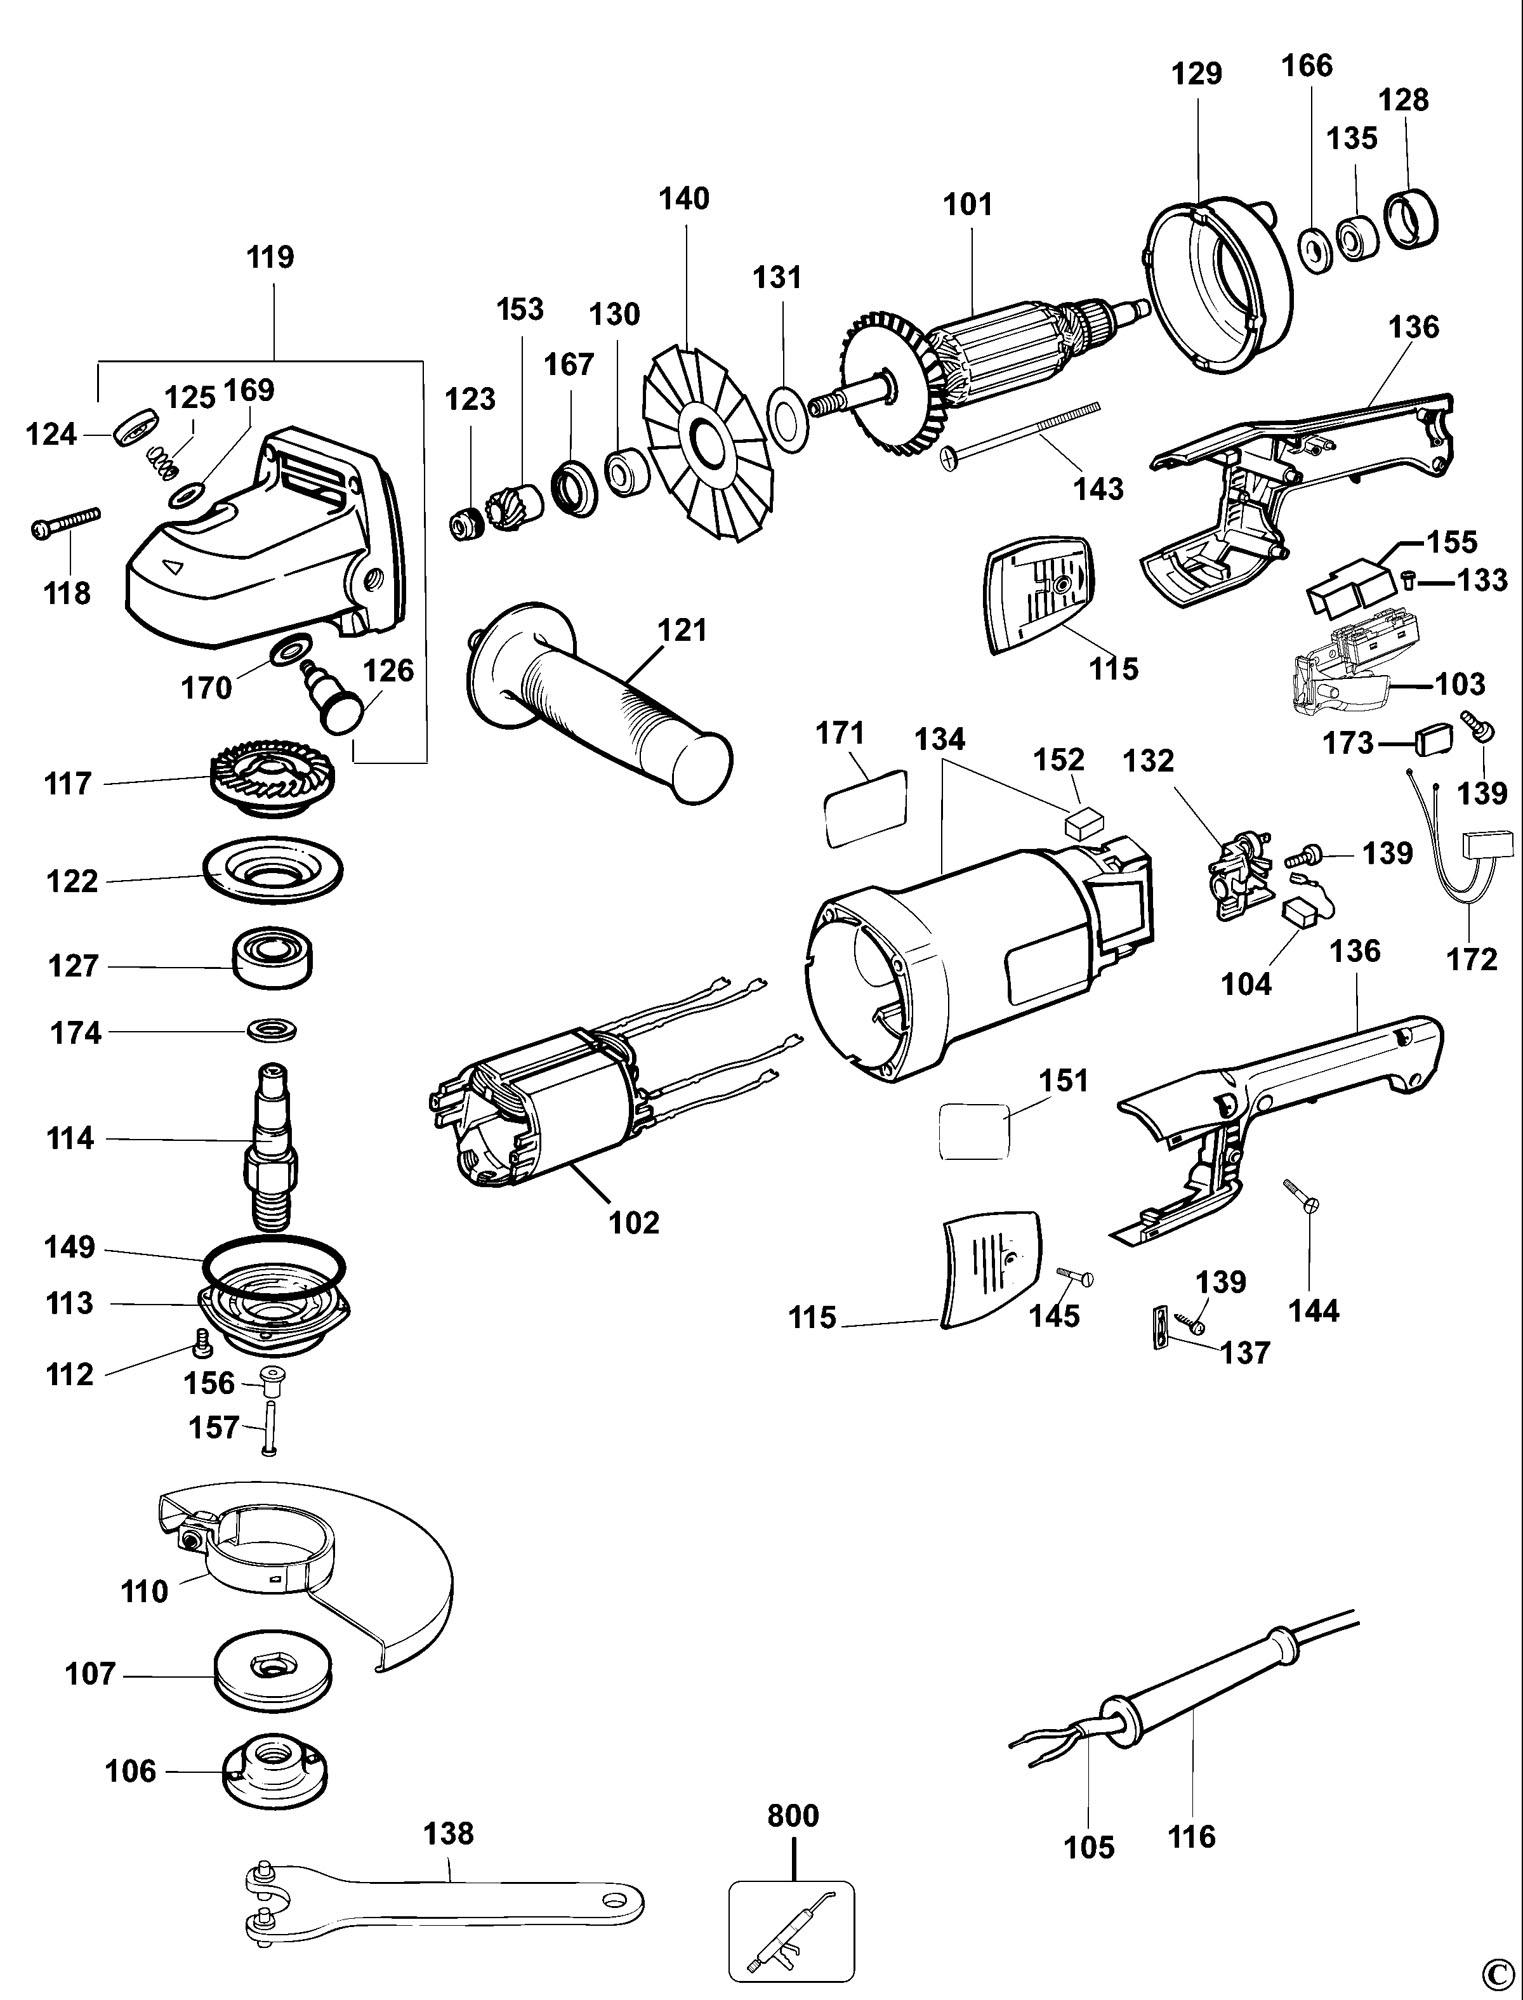 Spares For Dewalt Dw840 Angle Grinder Type 3 Spare Dw840